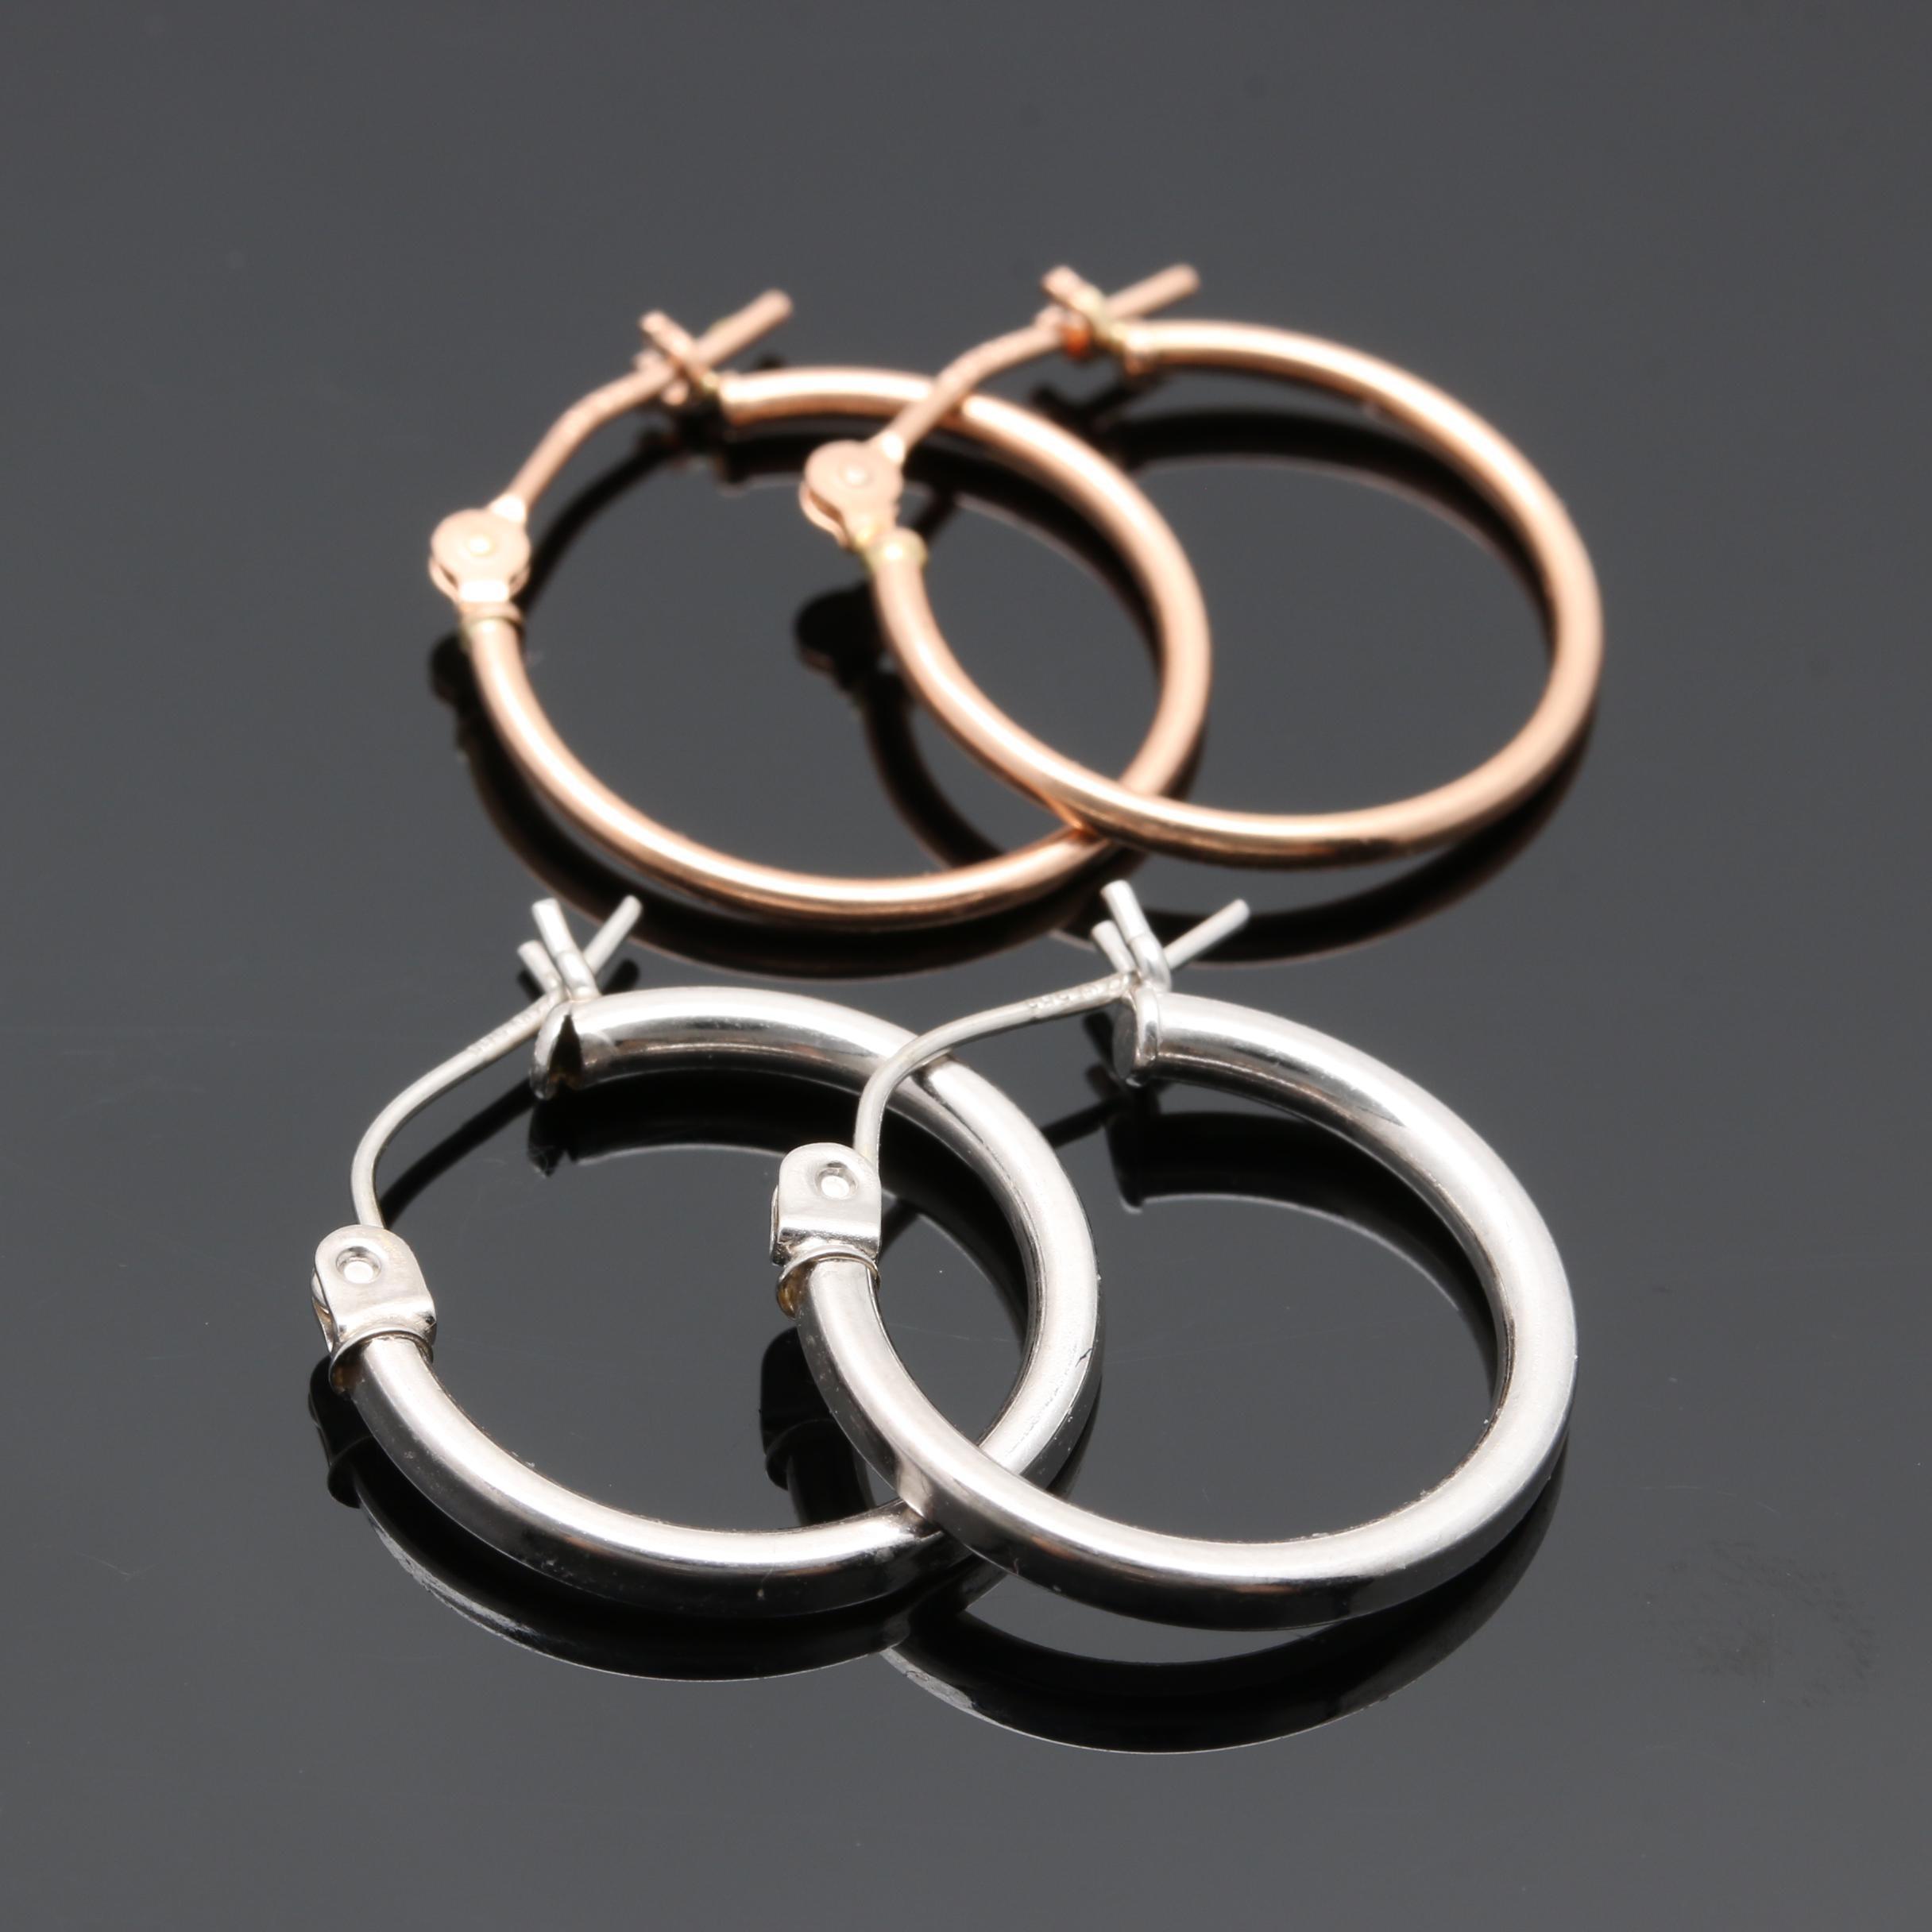 14K White and Rose Gold Hoop Earrings